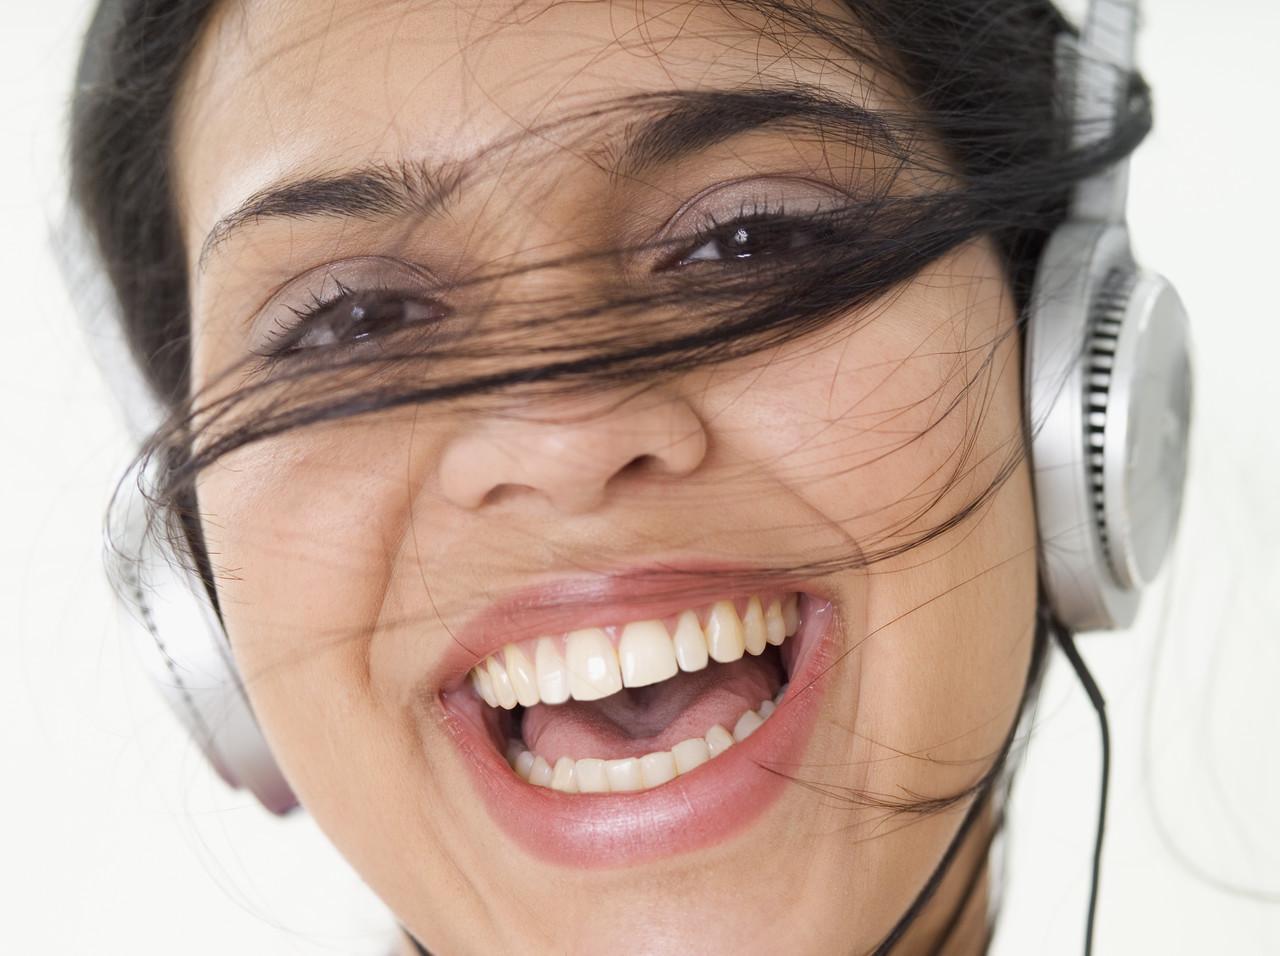 O Risco de Usar Fones de Ouvido – Dicas Para Proteger Sua Audição